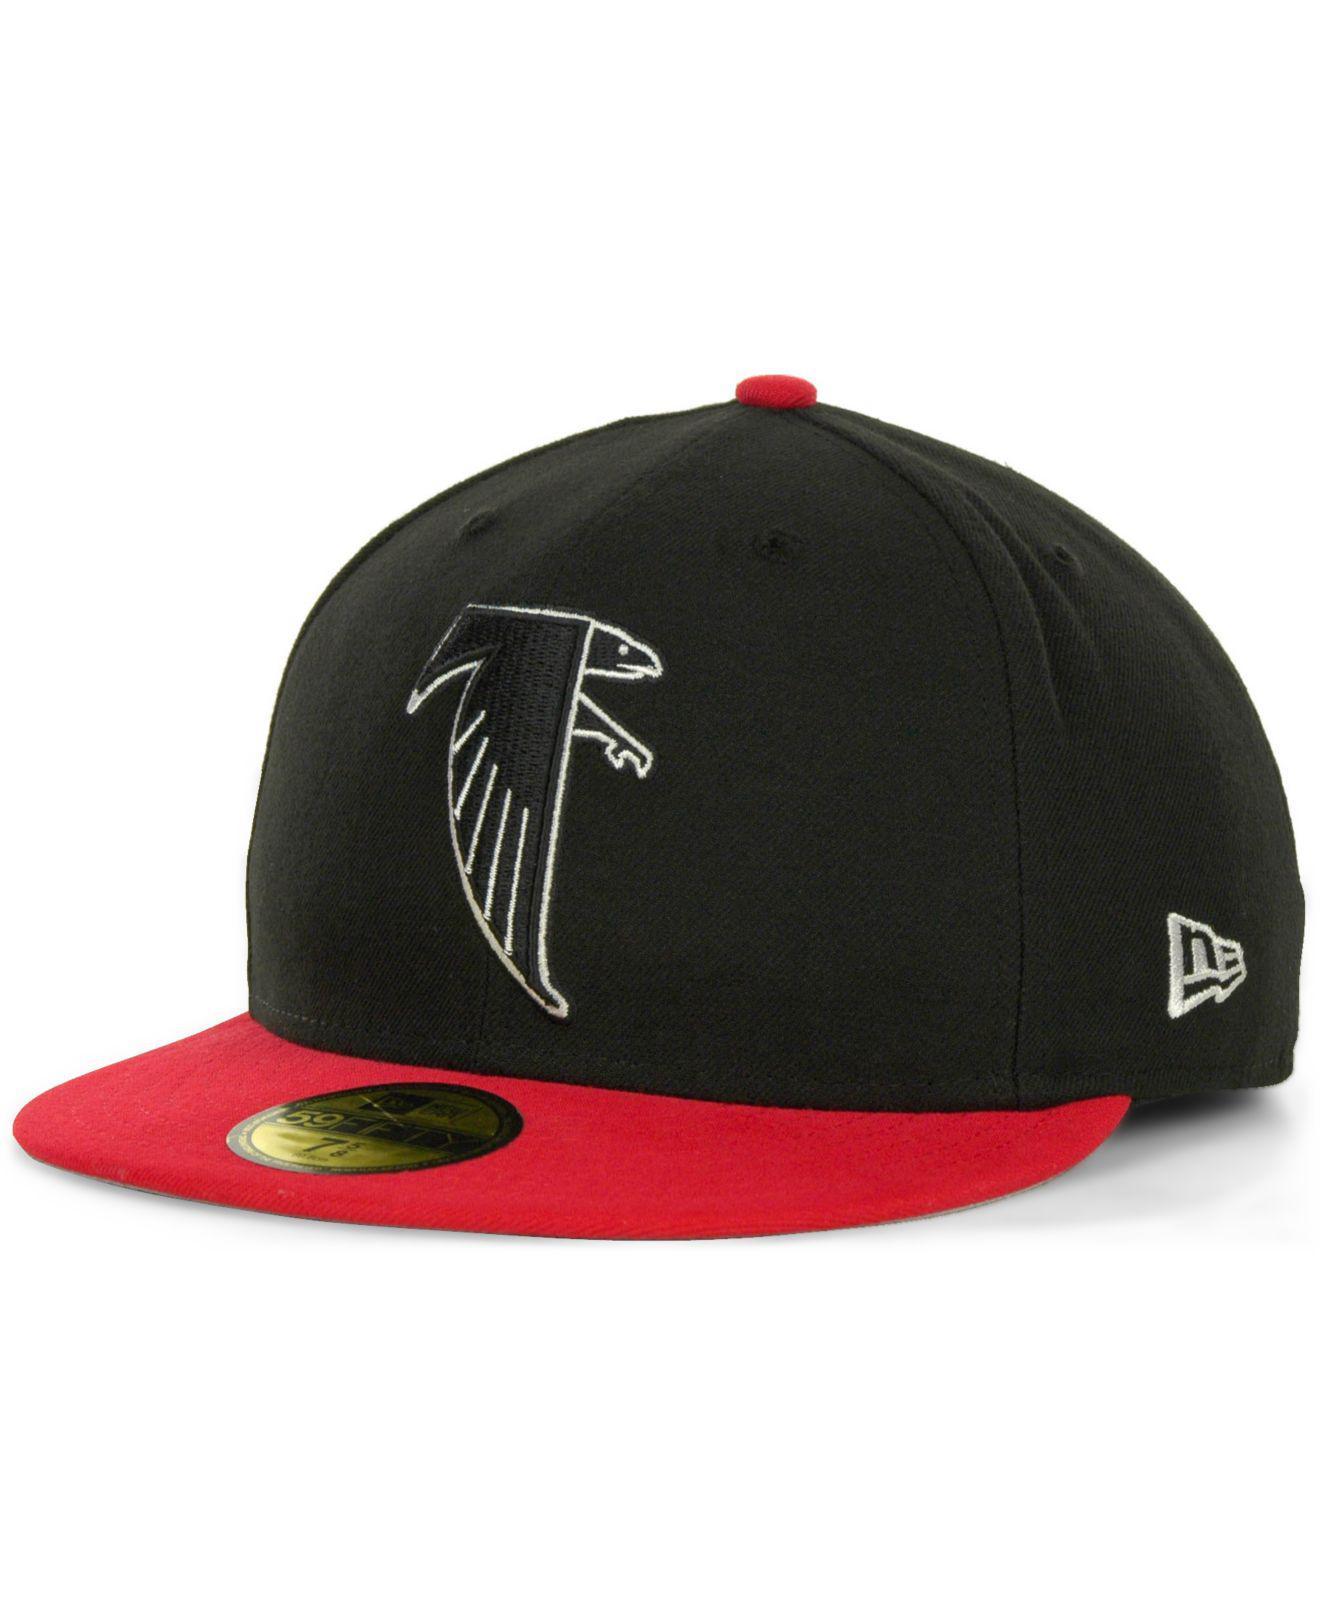 30a0af02bd746 KTZ - Black Atlanta Falcons Historic 59fifty Hat for Men - Lyst. View  fullscreen